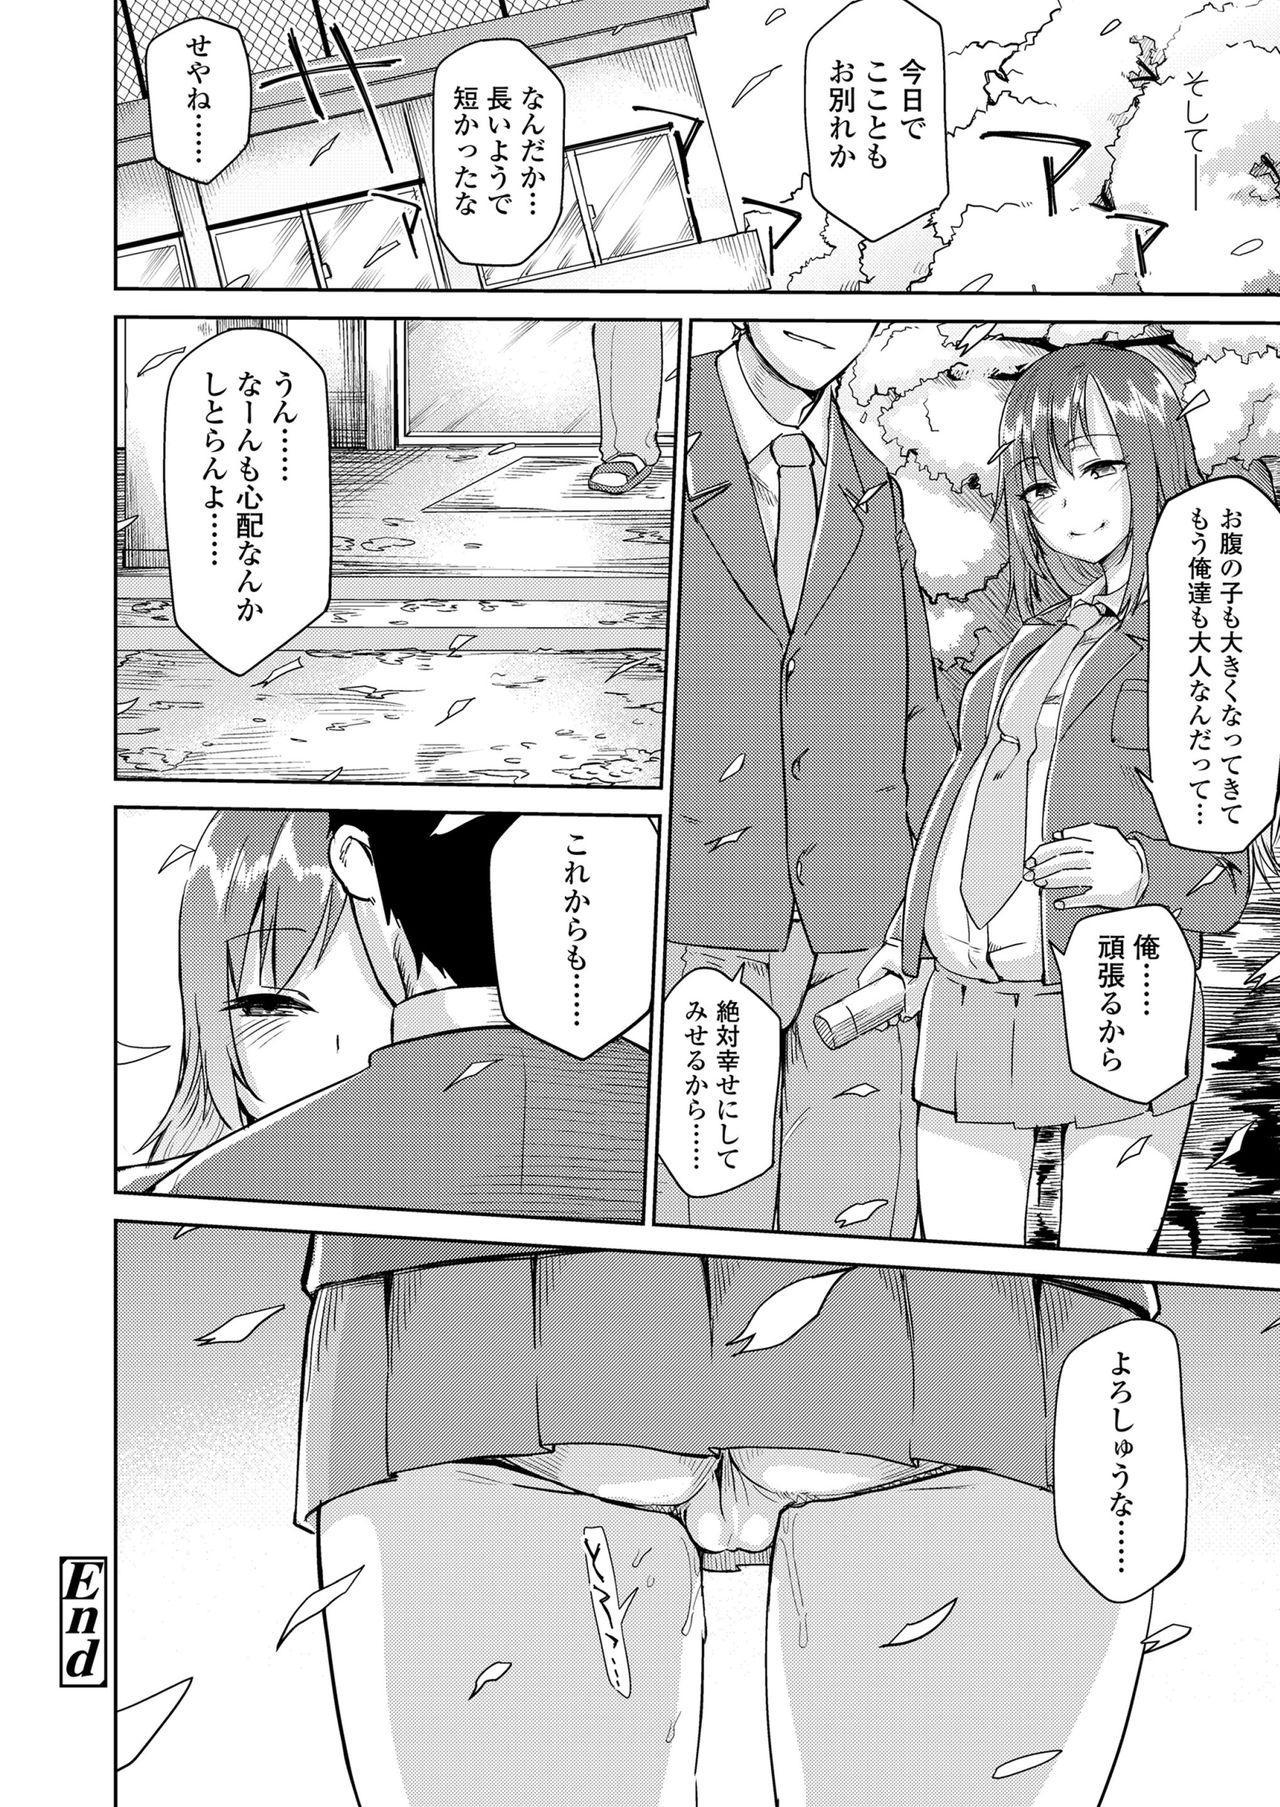 Amai Kajitsu 53